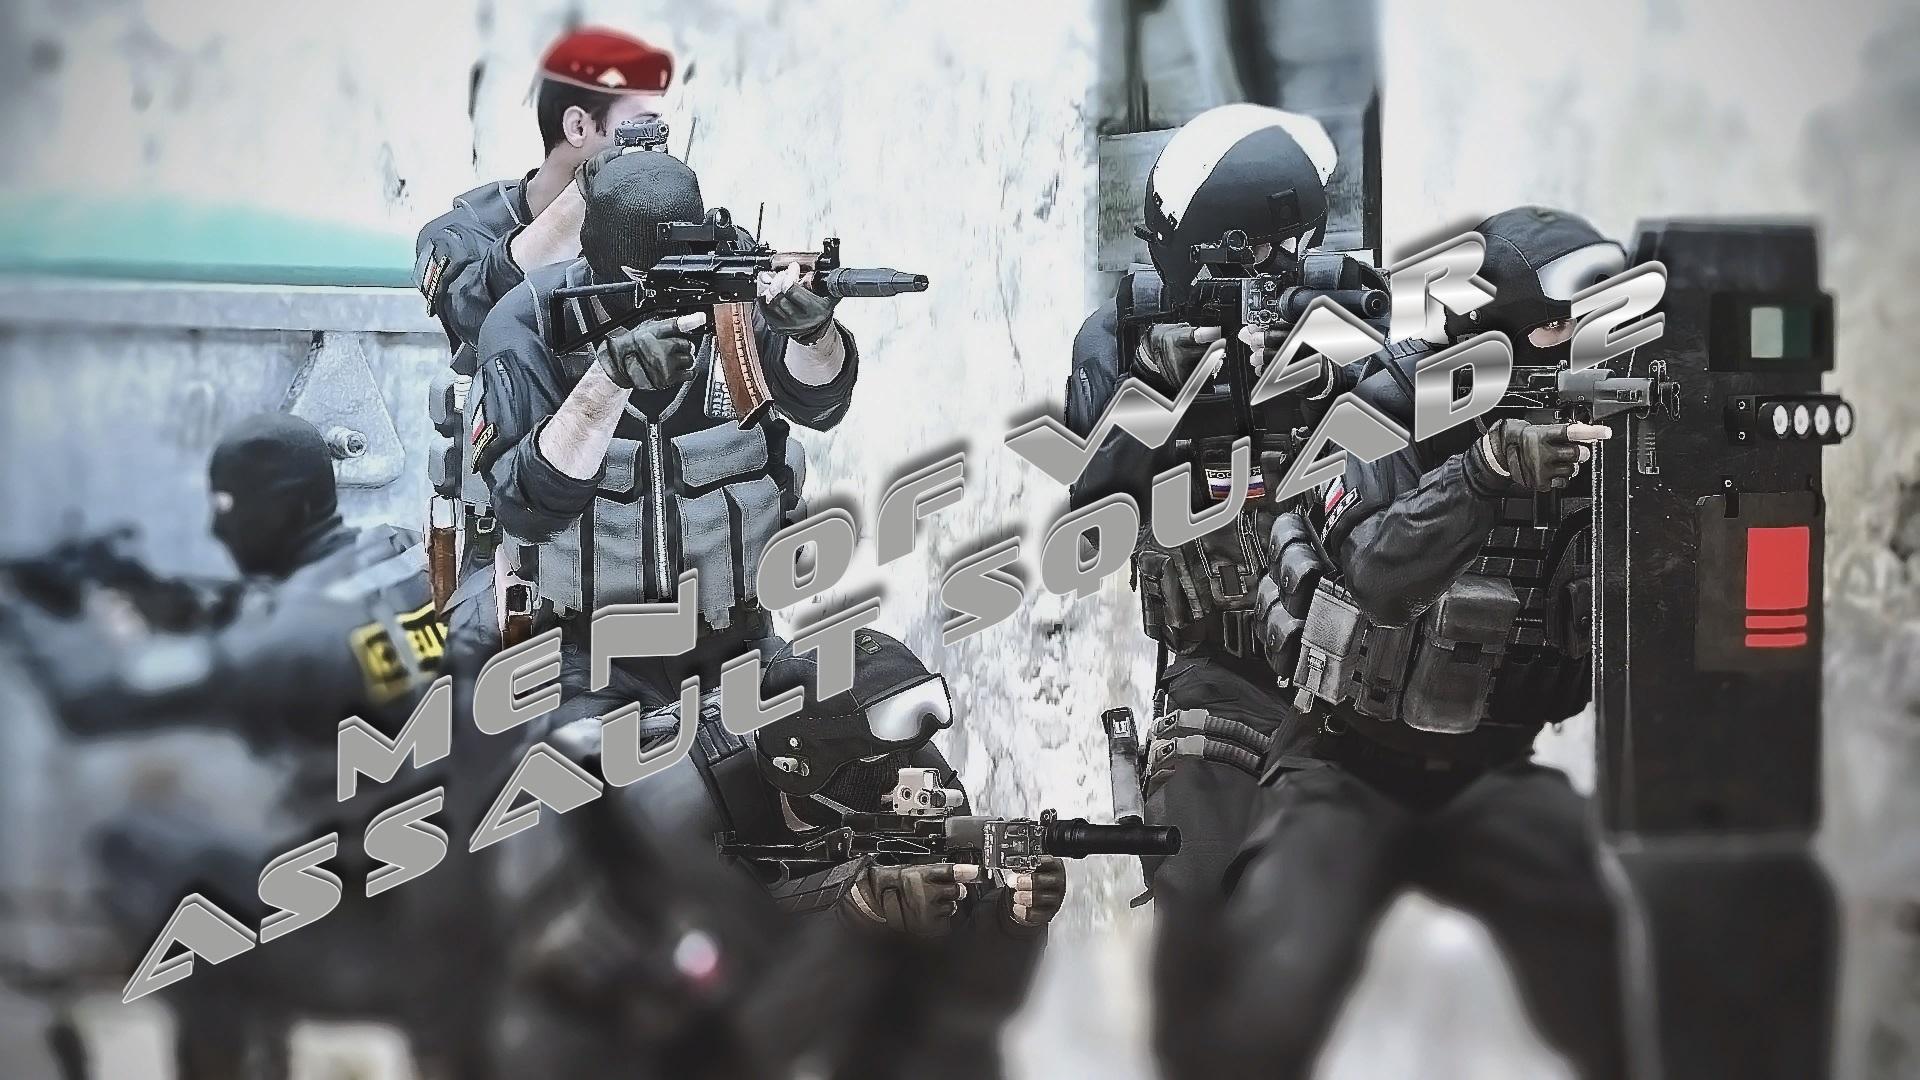 Скачать файл Police and civillians mod (cold war mod 1.7.1)